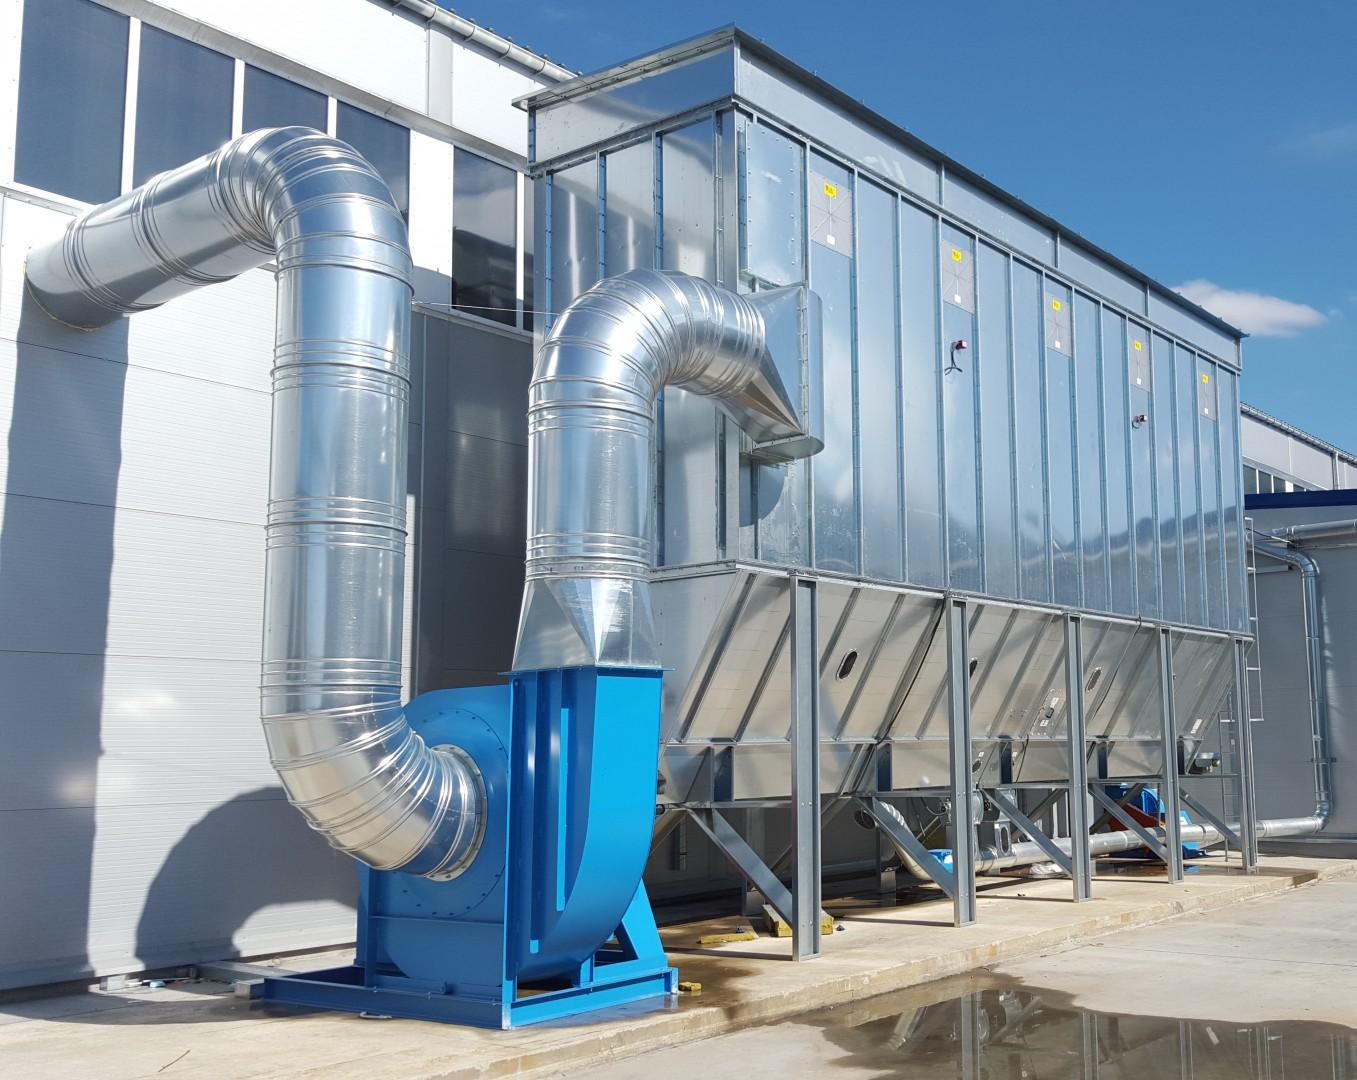 Stabilna i trwała konstrukcja jest gwarancją jakości, ale też bezpieczeństwa całej hali produkcyjnej, z której odprowadzone są pyły mogące tworzyć wybuchowe mieszaniny. Fot. Teknika